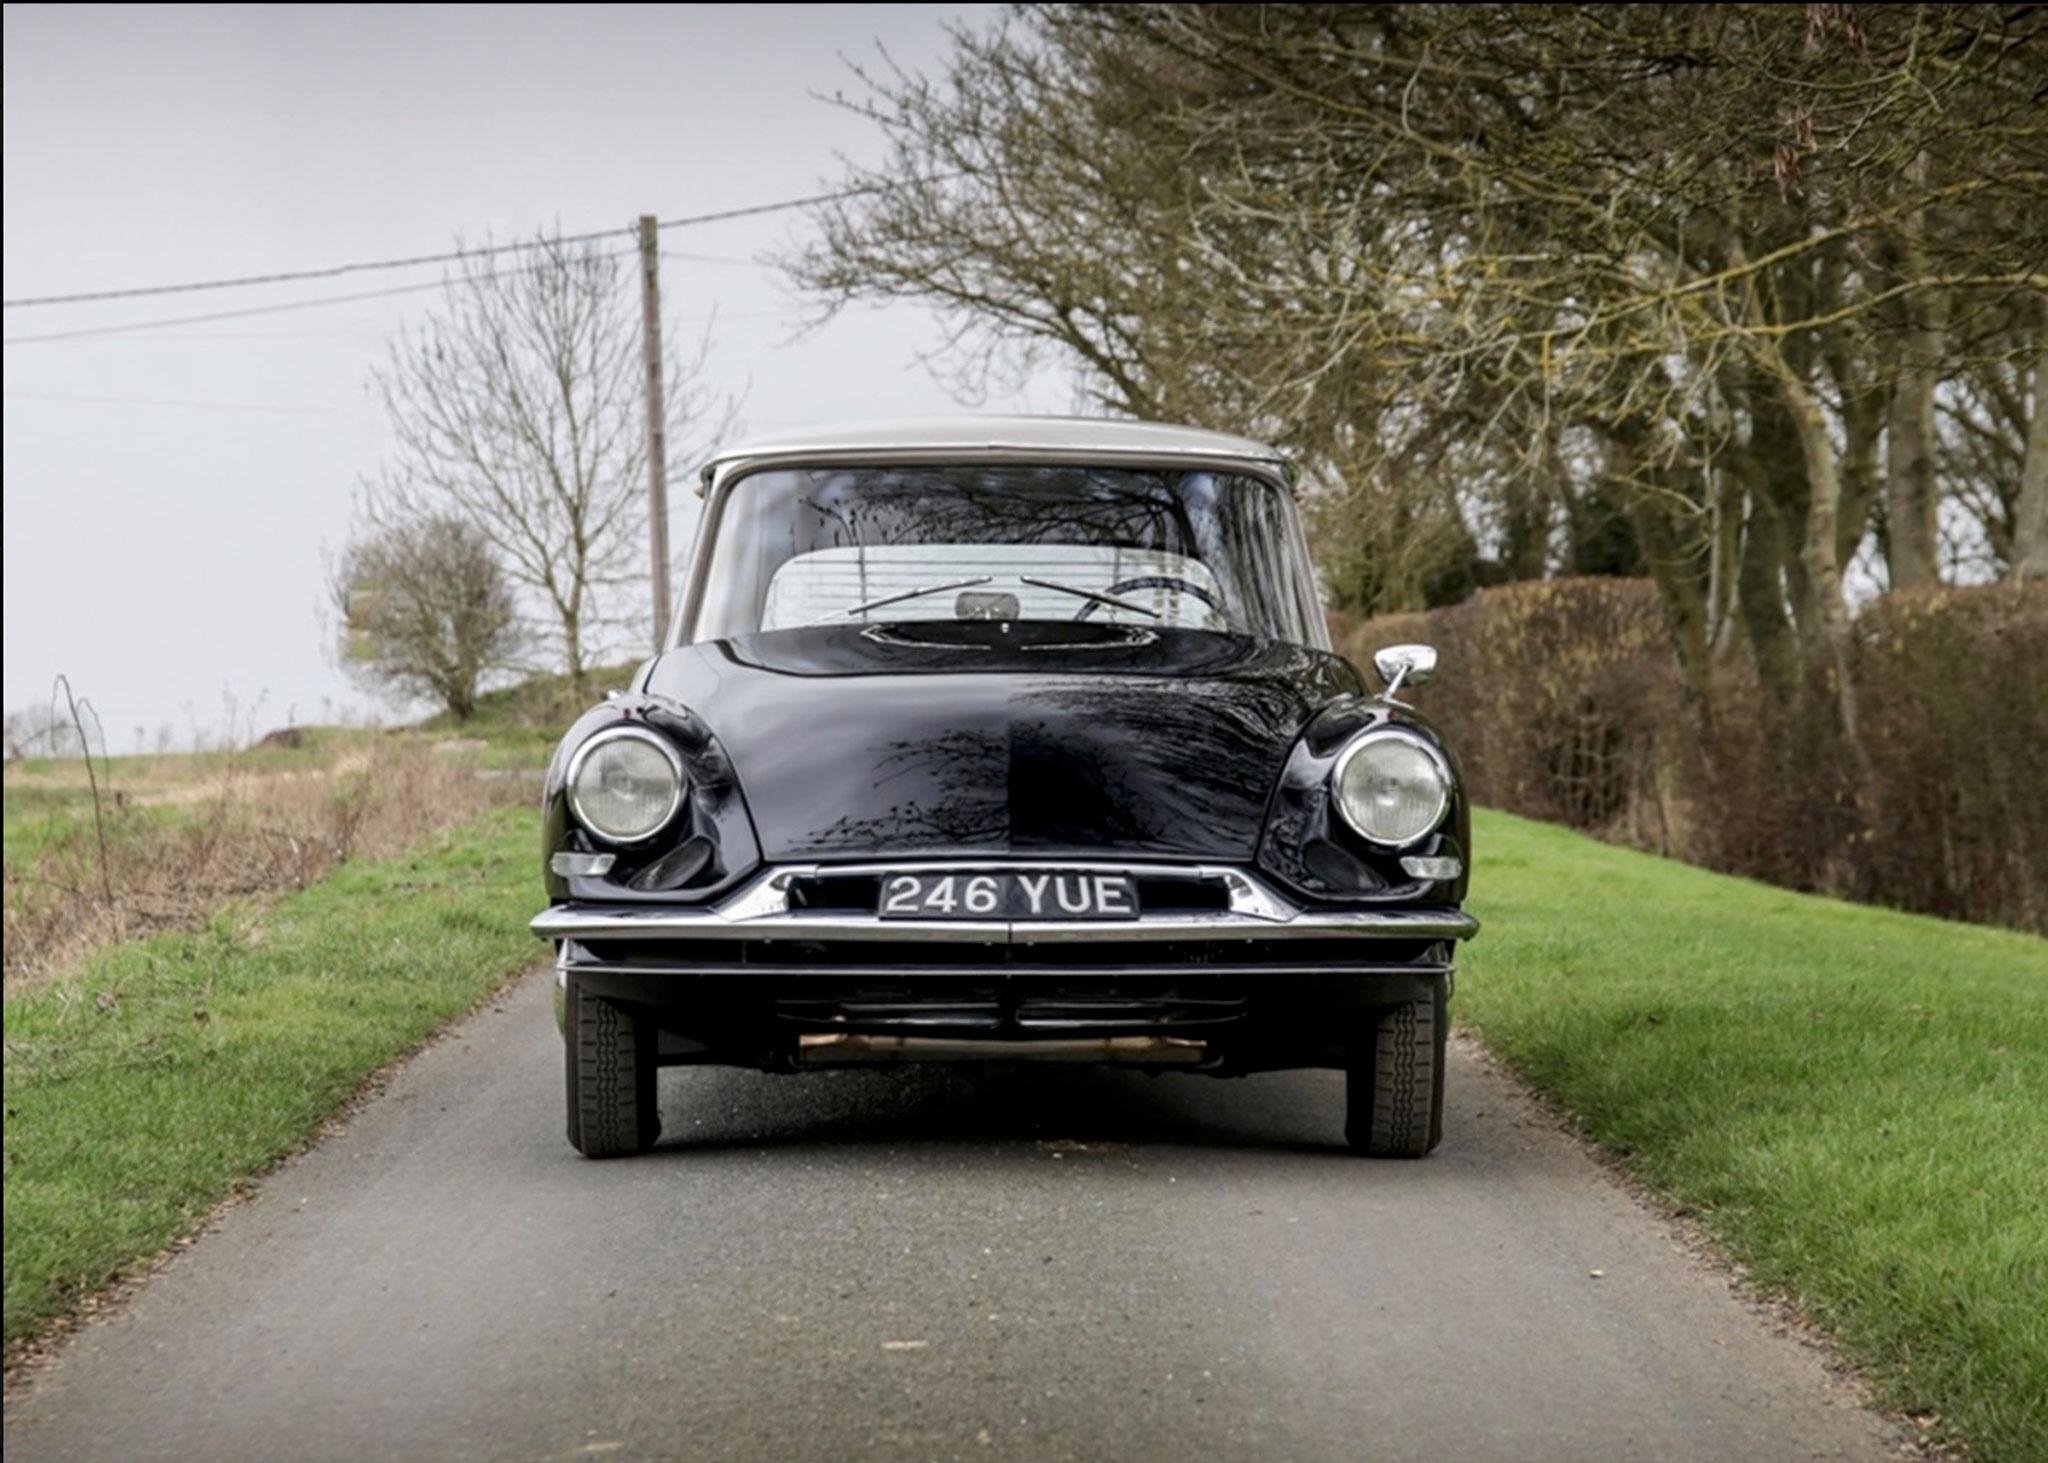 1958 Citroën DS 19 une ligne très moderne pour l'époque - Coups de Coeur Historics Auctioneers.